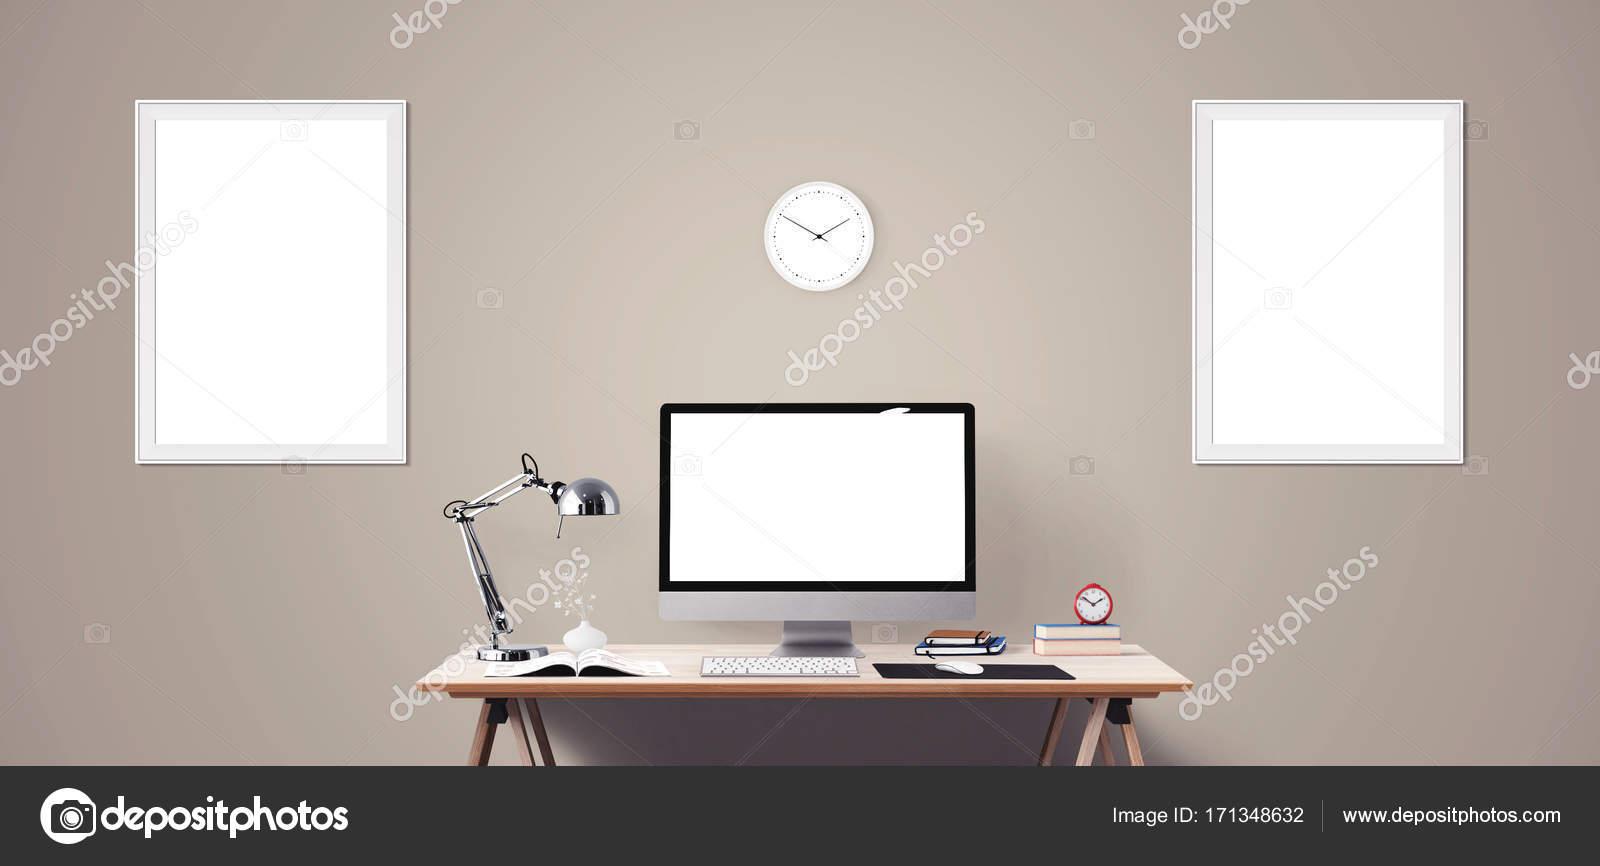 Computerdisplay Und Burogerate Auf Dem Schreibtisch Desktop Computerbildschirm Isoliert Modernen Kreativen Arbeitsplatz Hintergrund Frontansicht Stockfoto C Vanderon 171348632